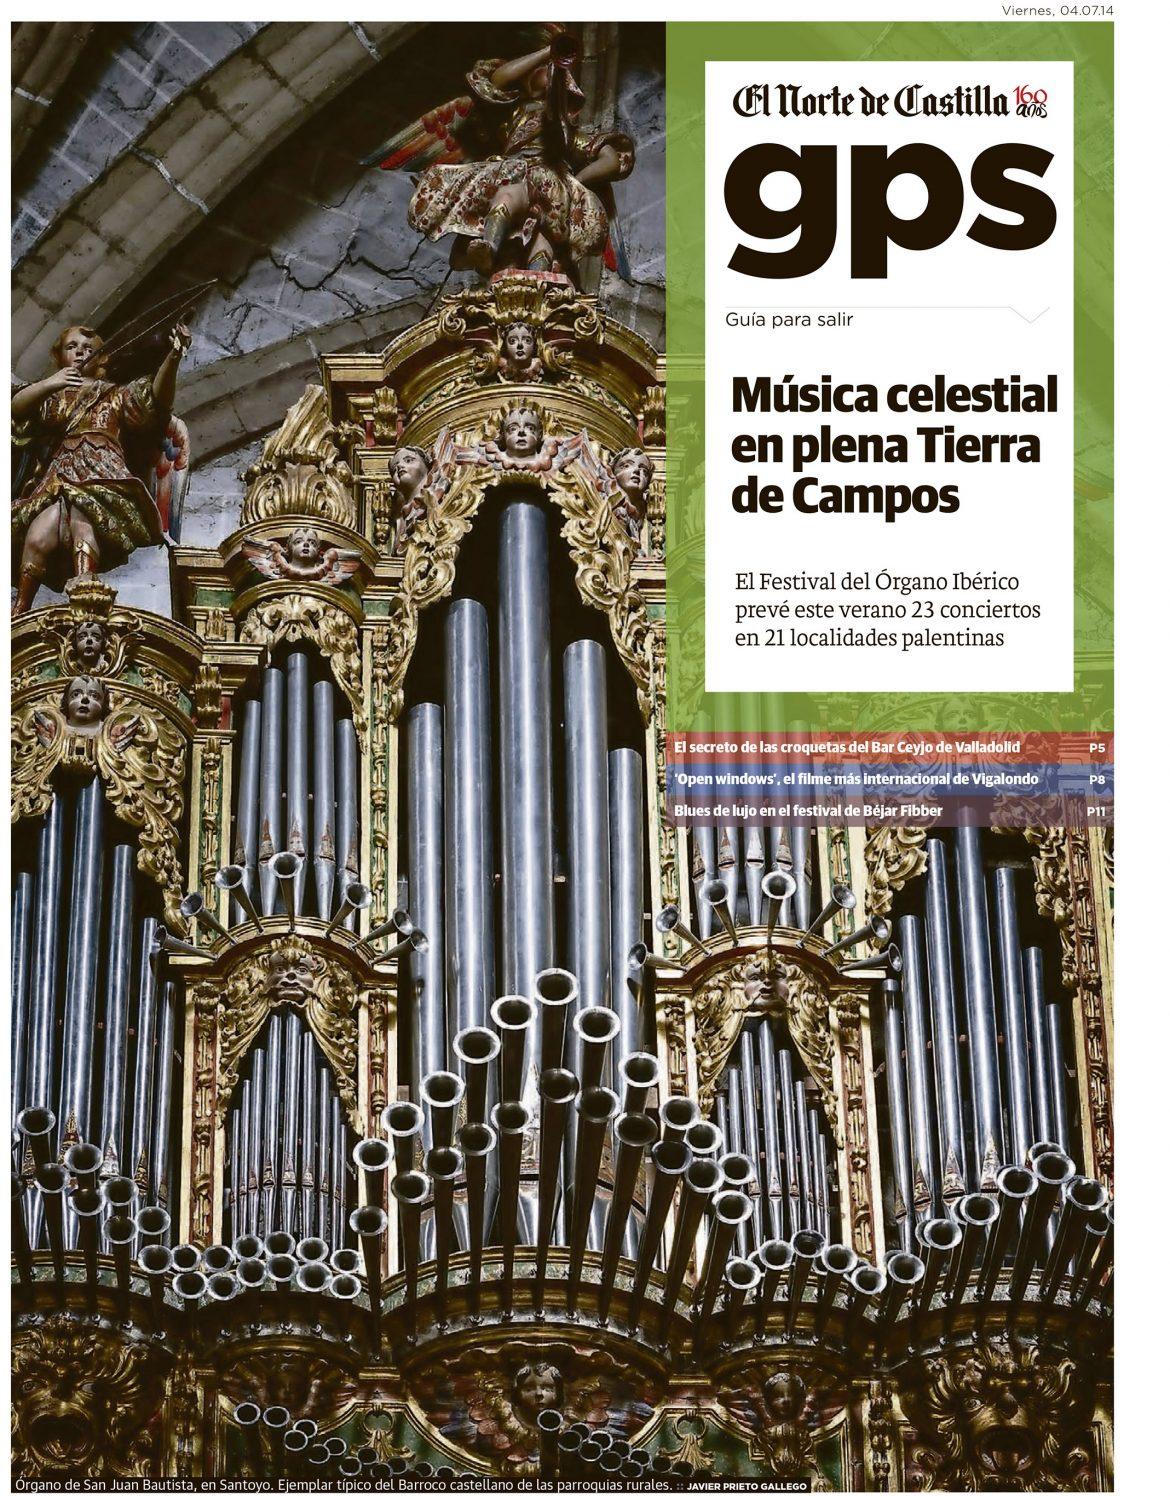 Festival de órgano ibérico en Palencia. Reportaje de Javier Prieto Gallego en El Norte de Castilla